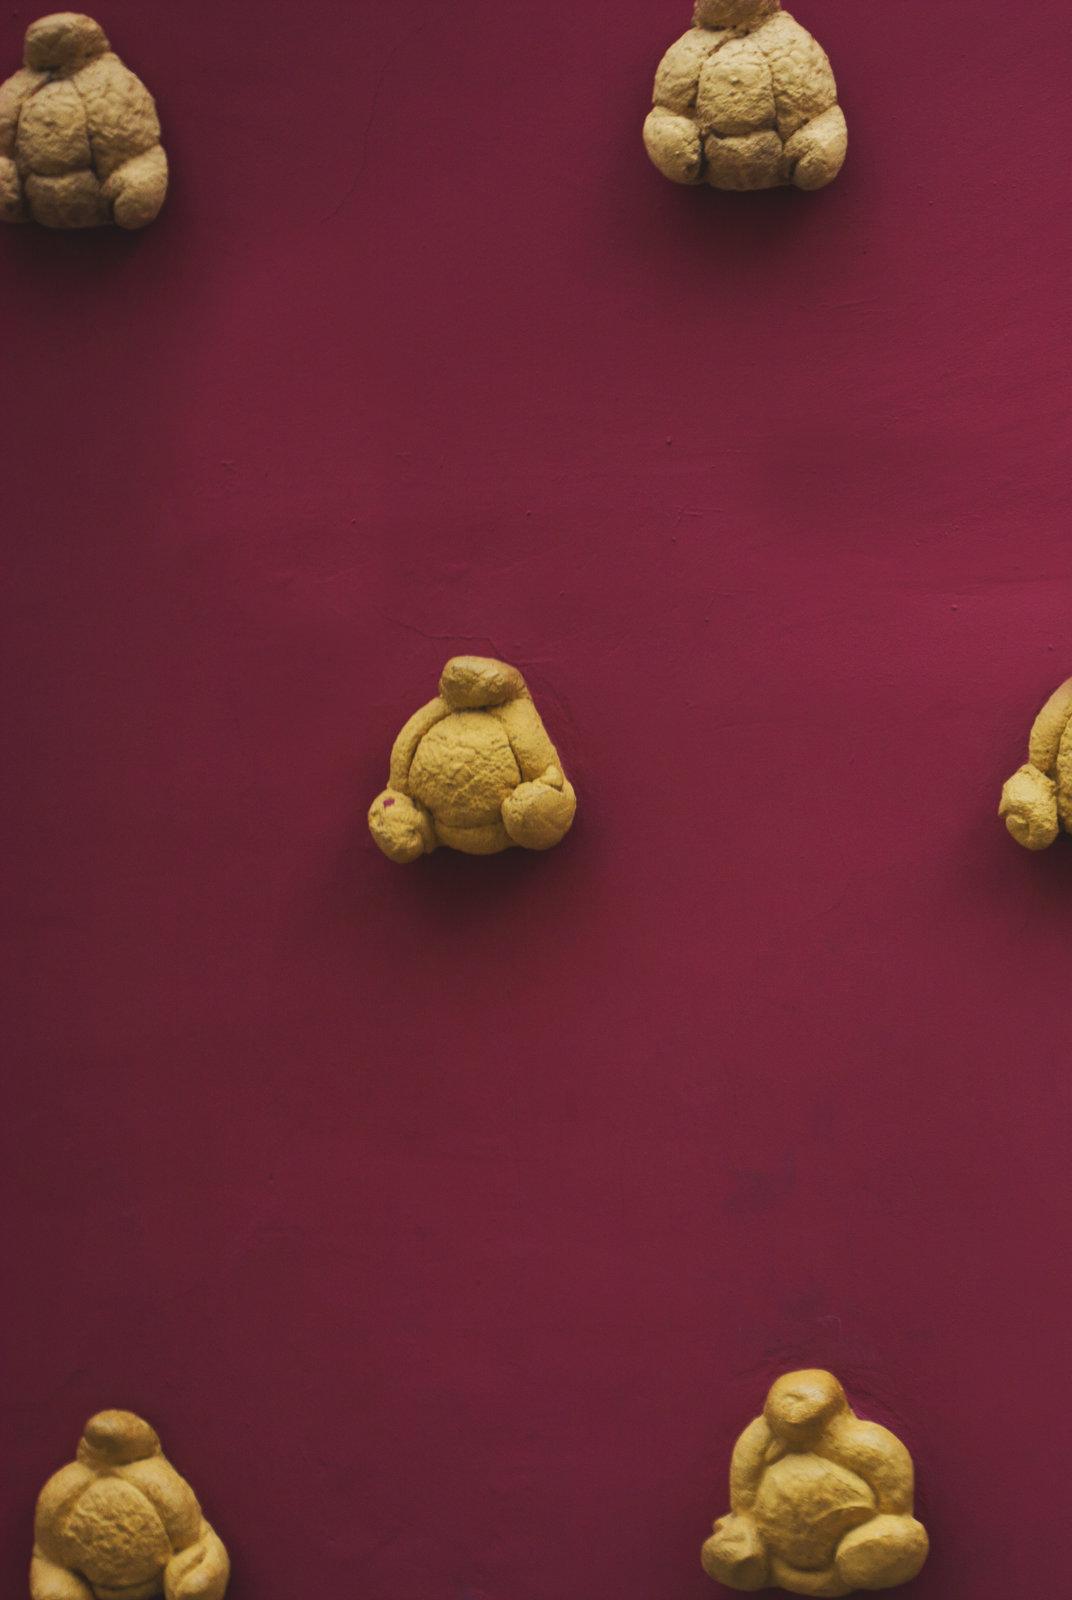 хлеб является главным внешним украшением музея Дали